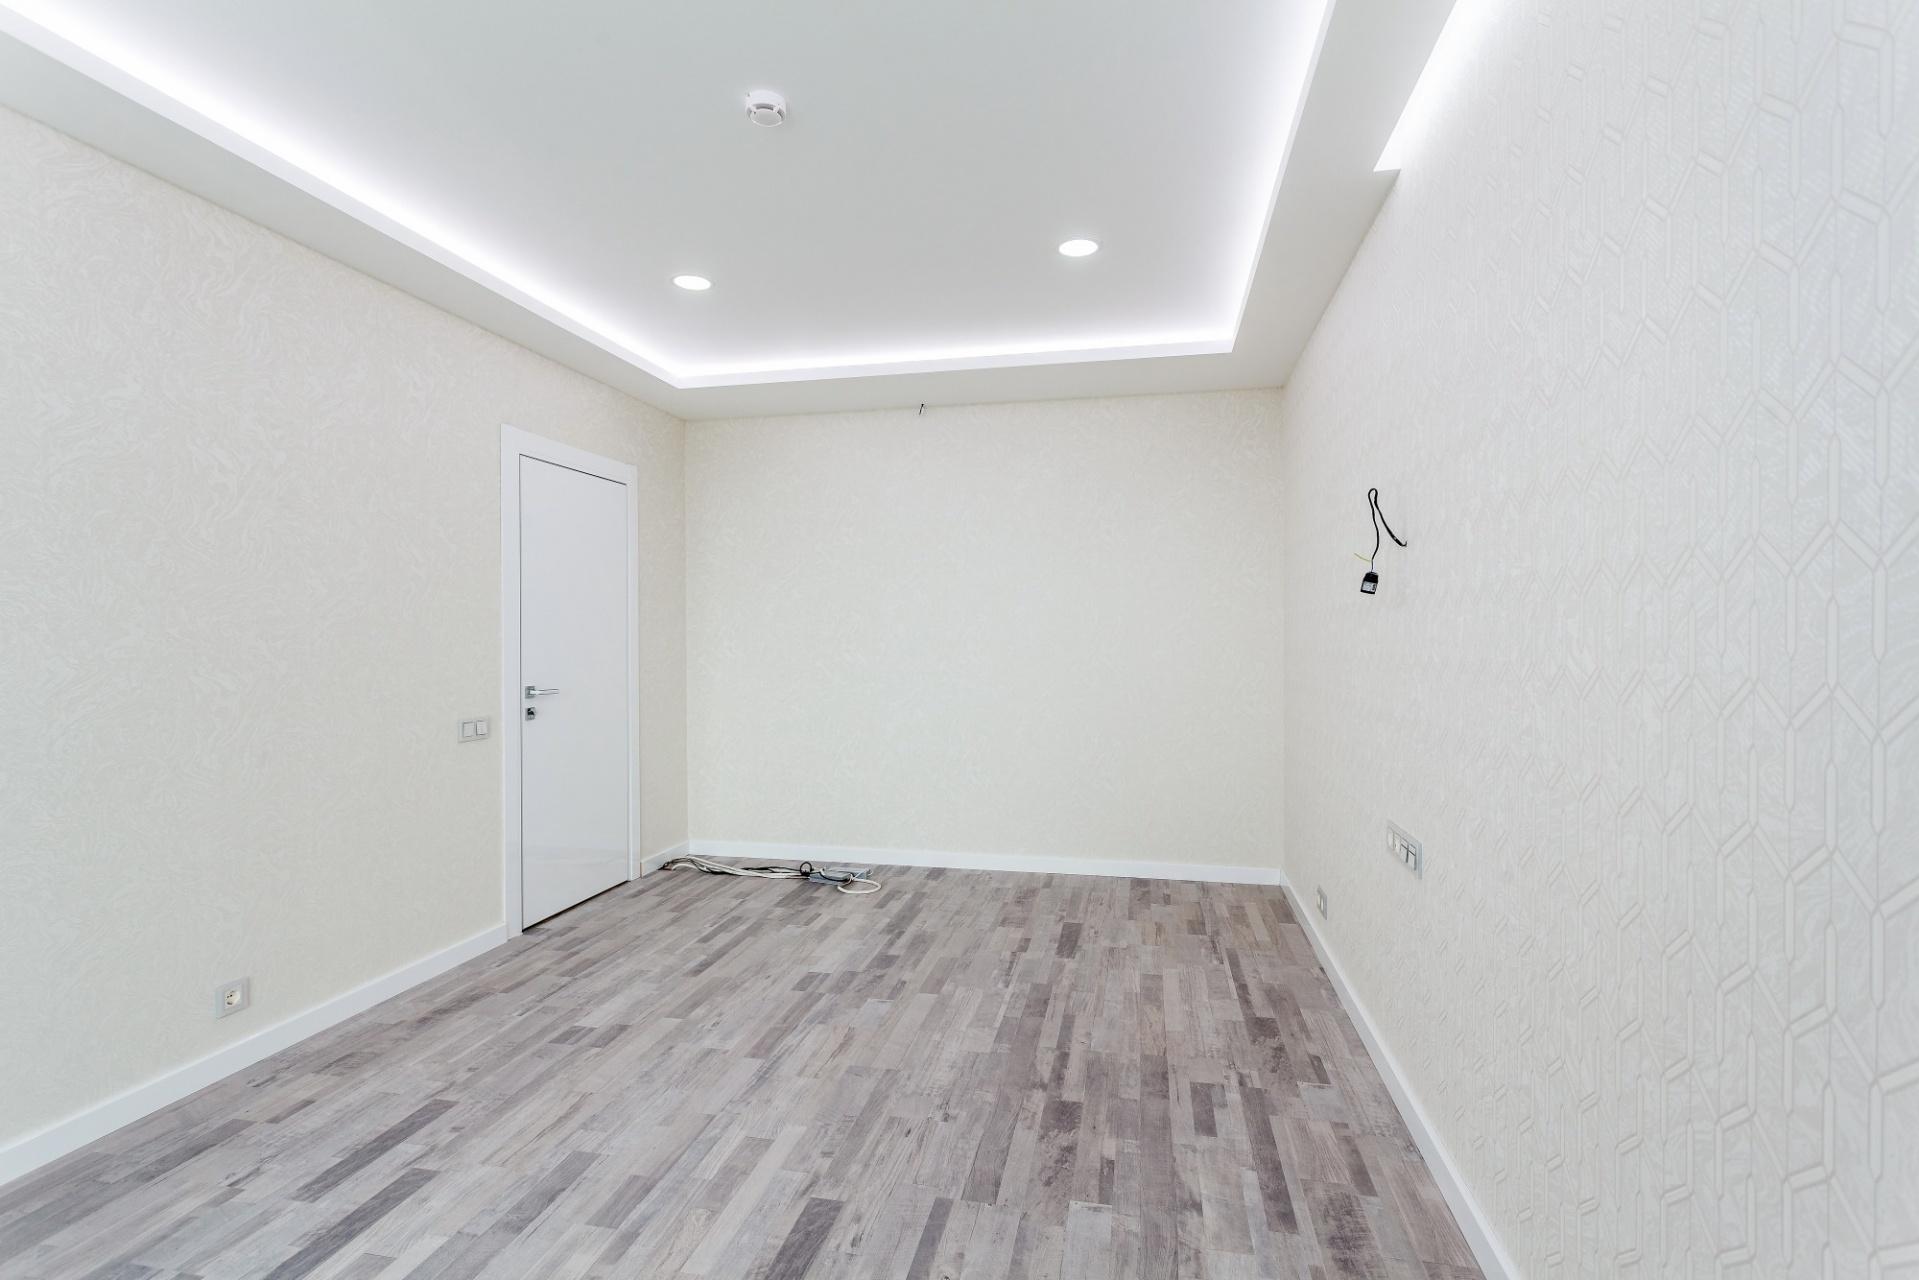 Продам многокомнатную квартиру, Будённого пр-кт, 51к1, Москва г